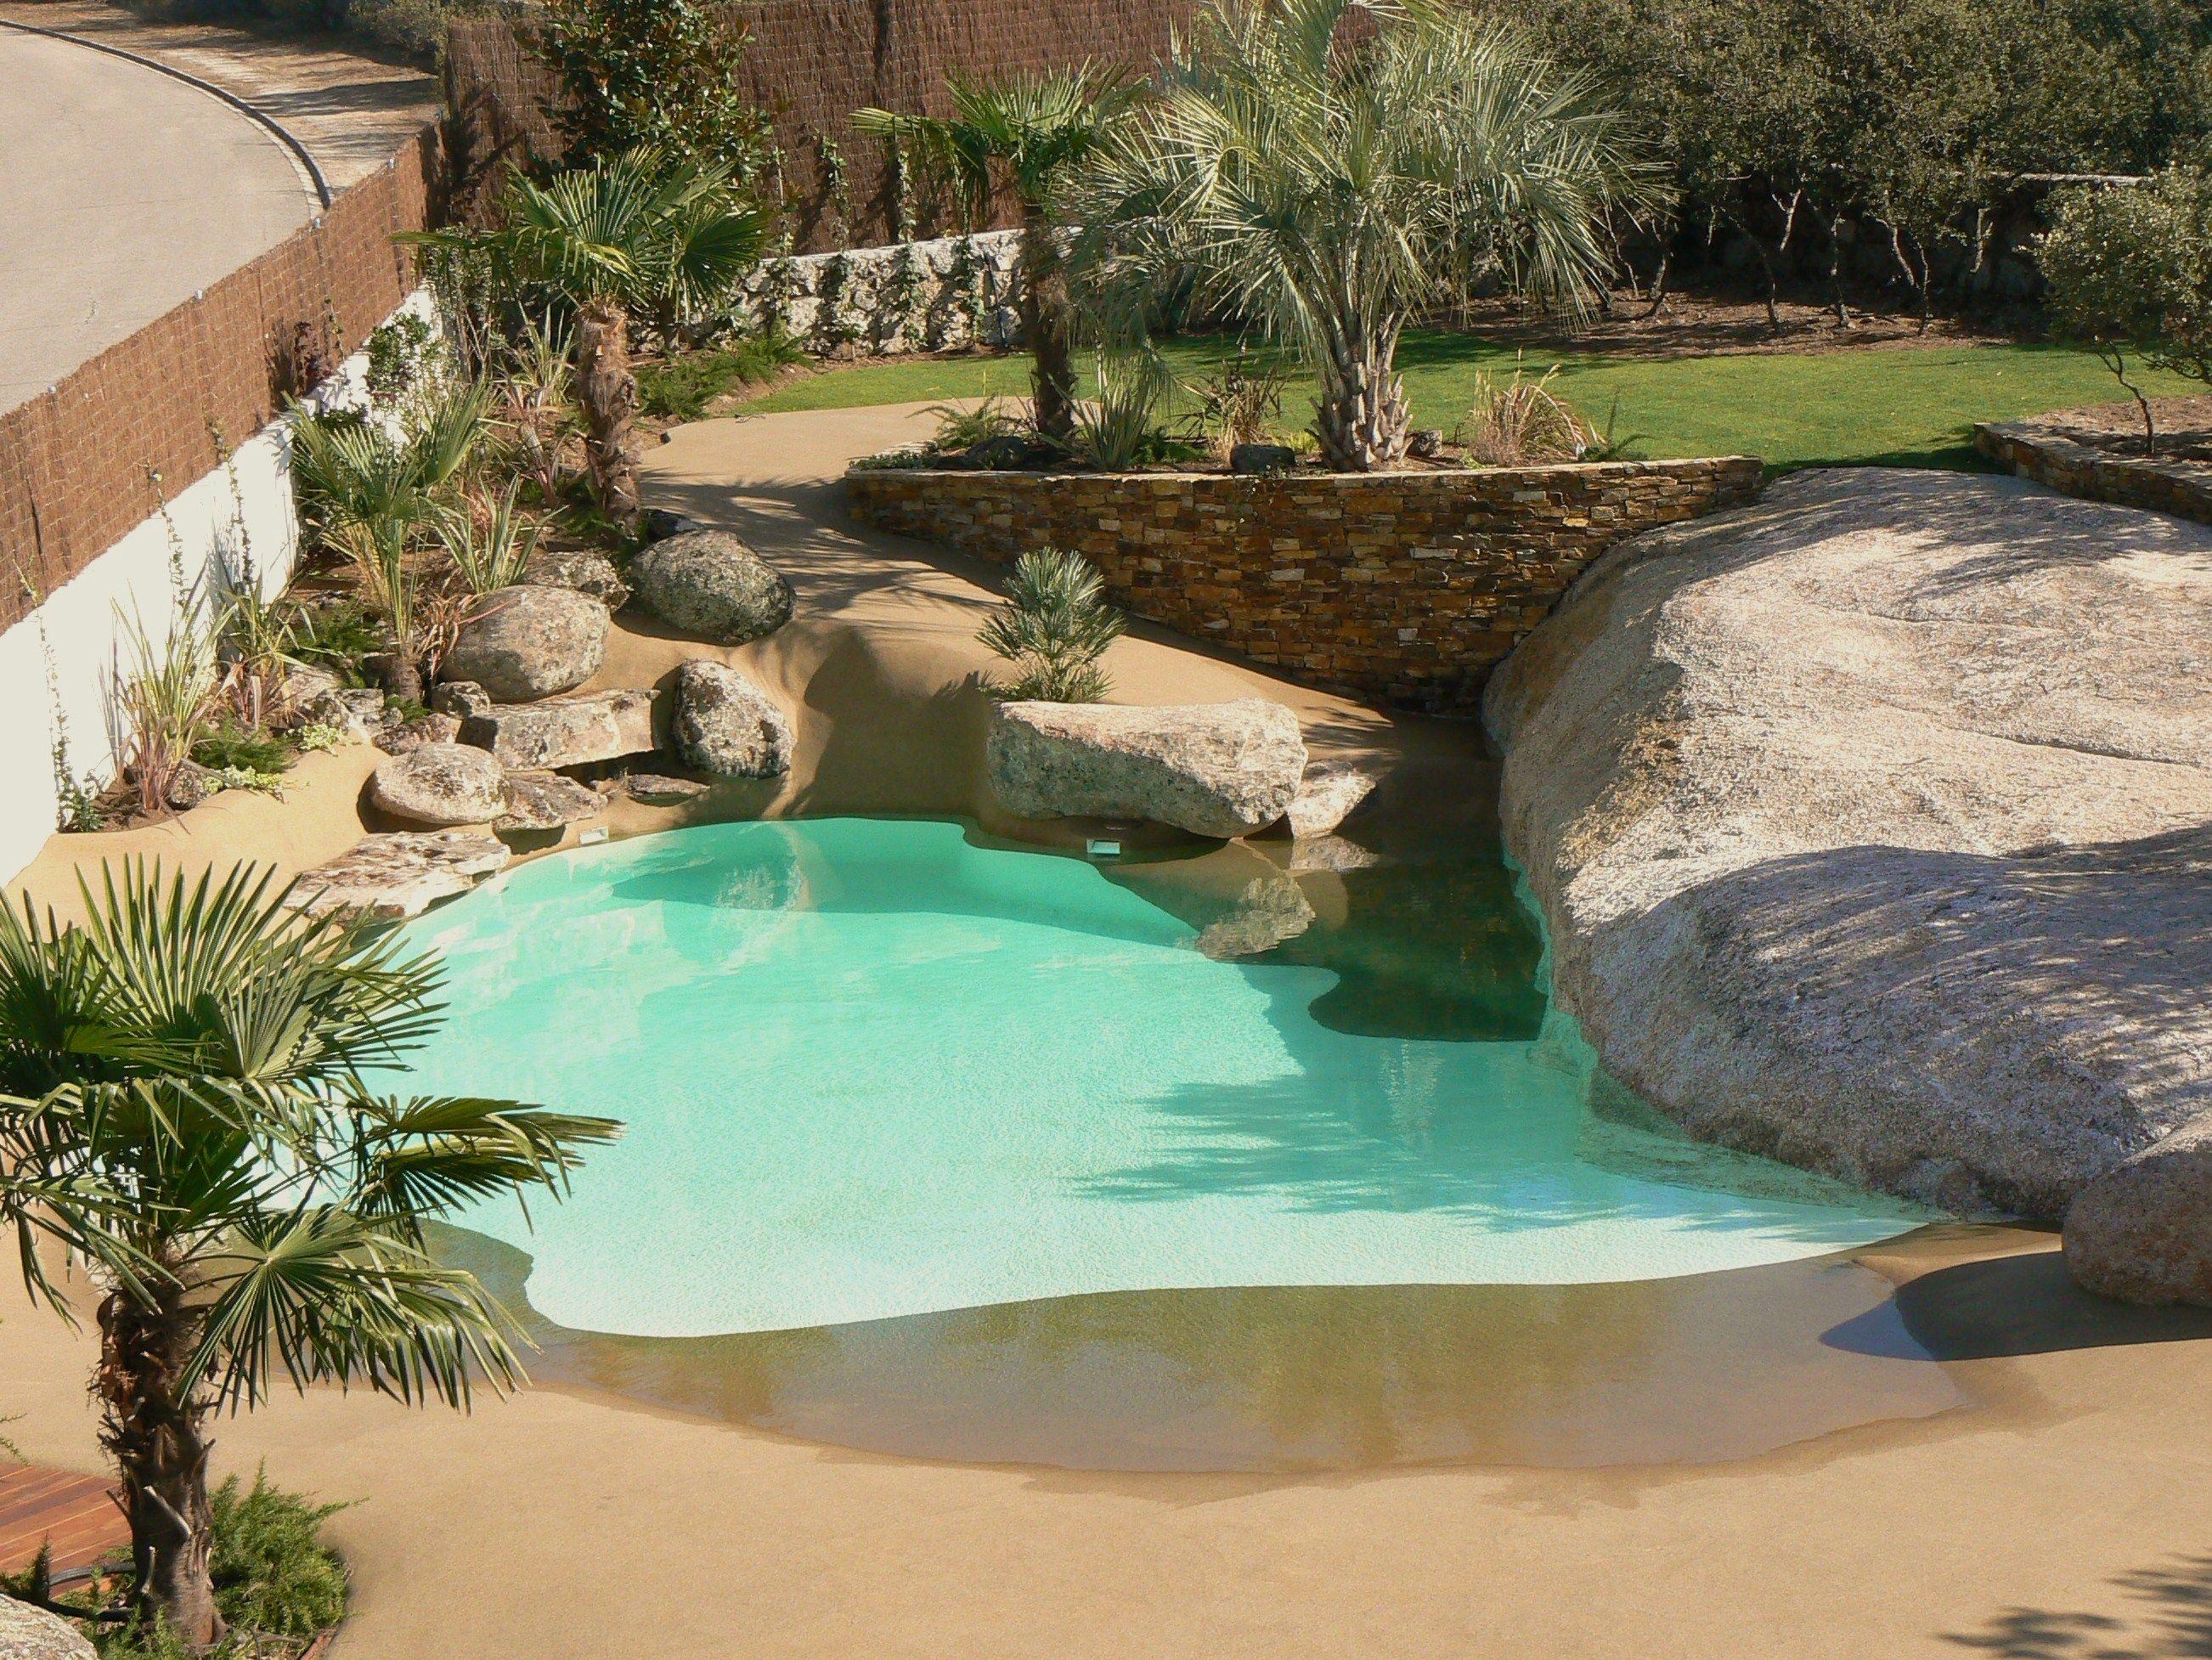 una vivienda de la berzosa acoge esta preciosa piscina de arena